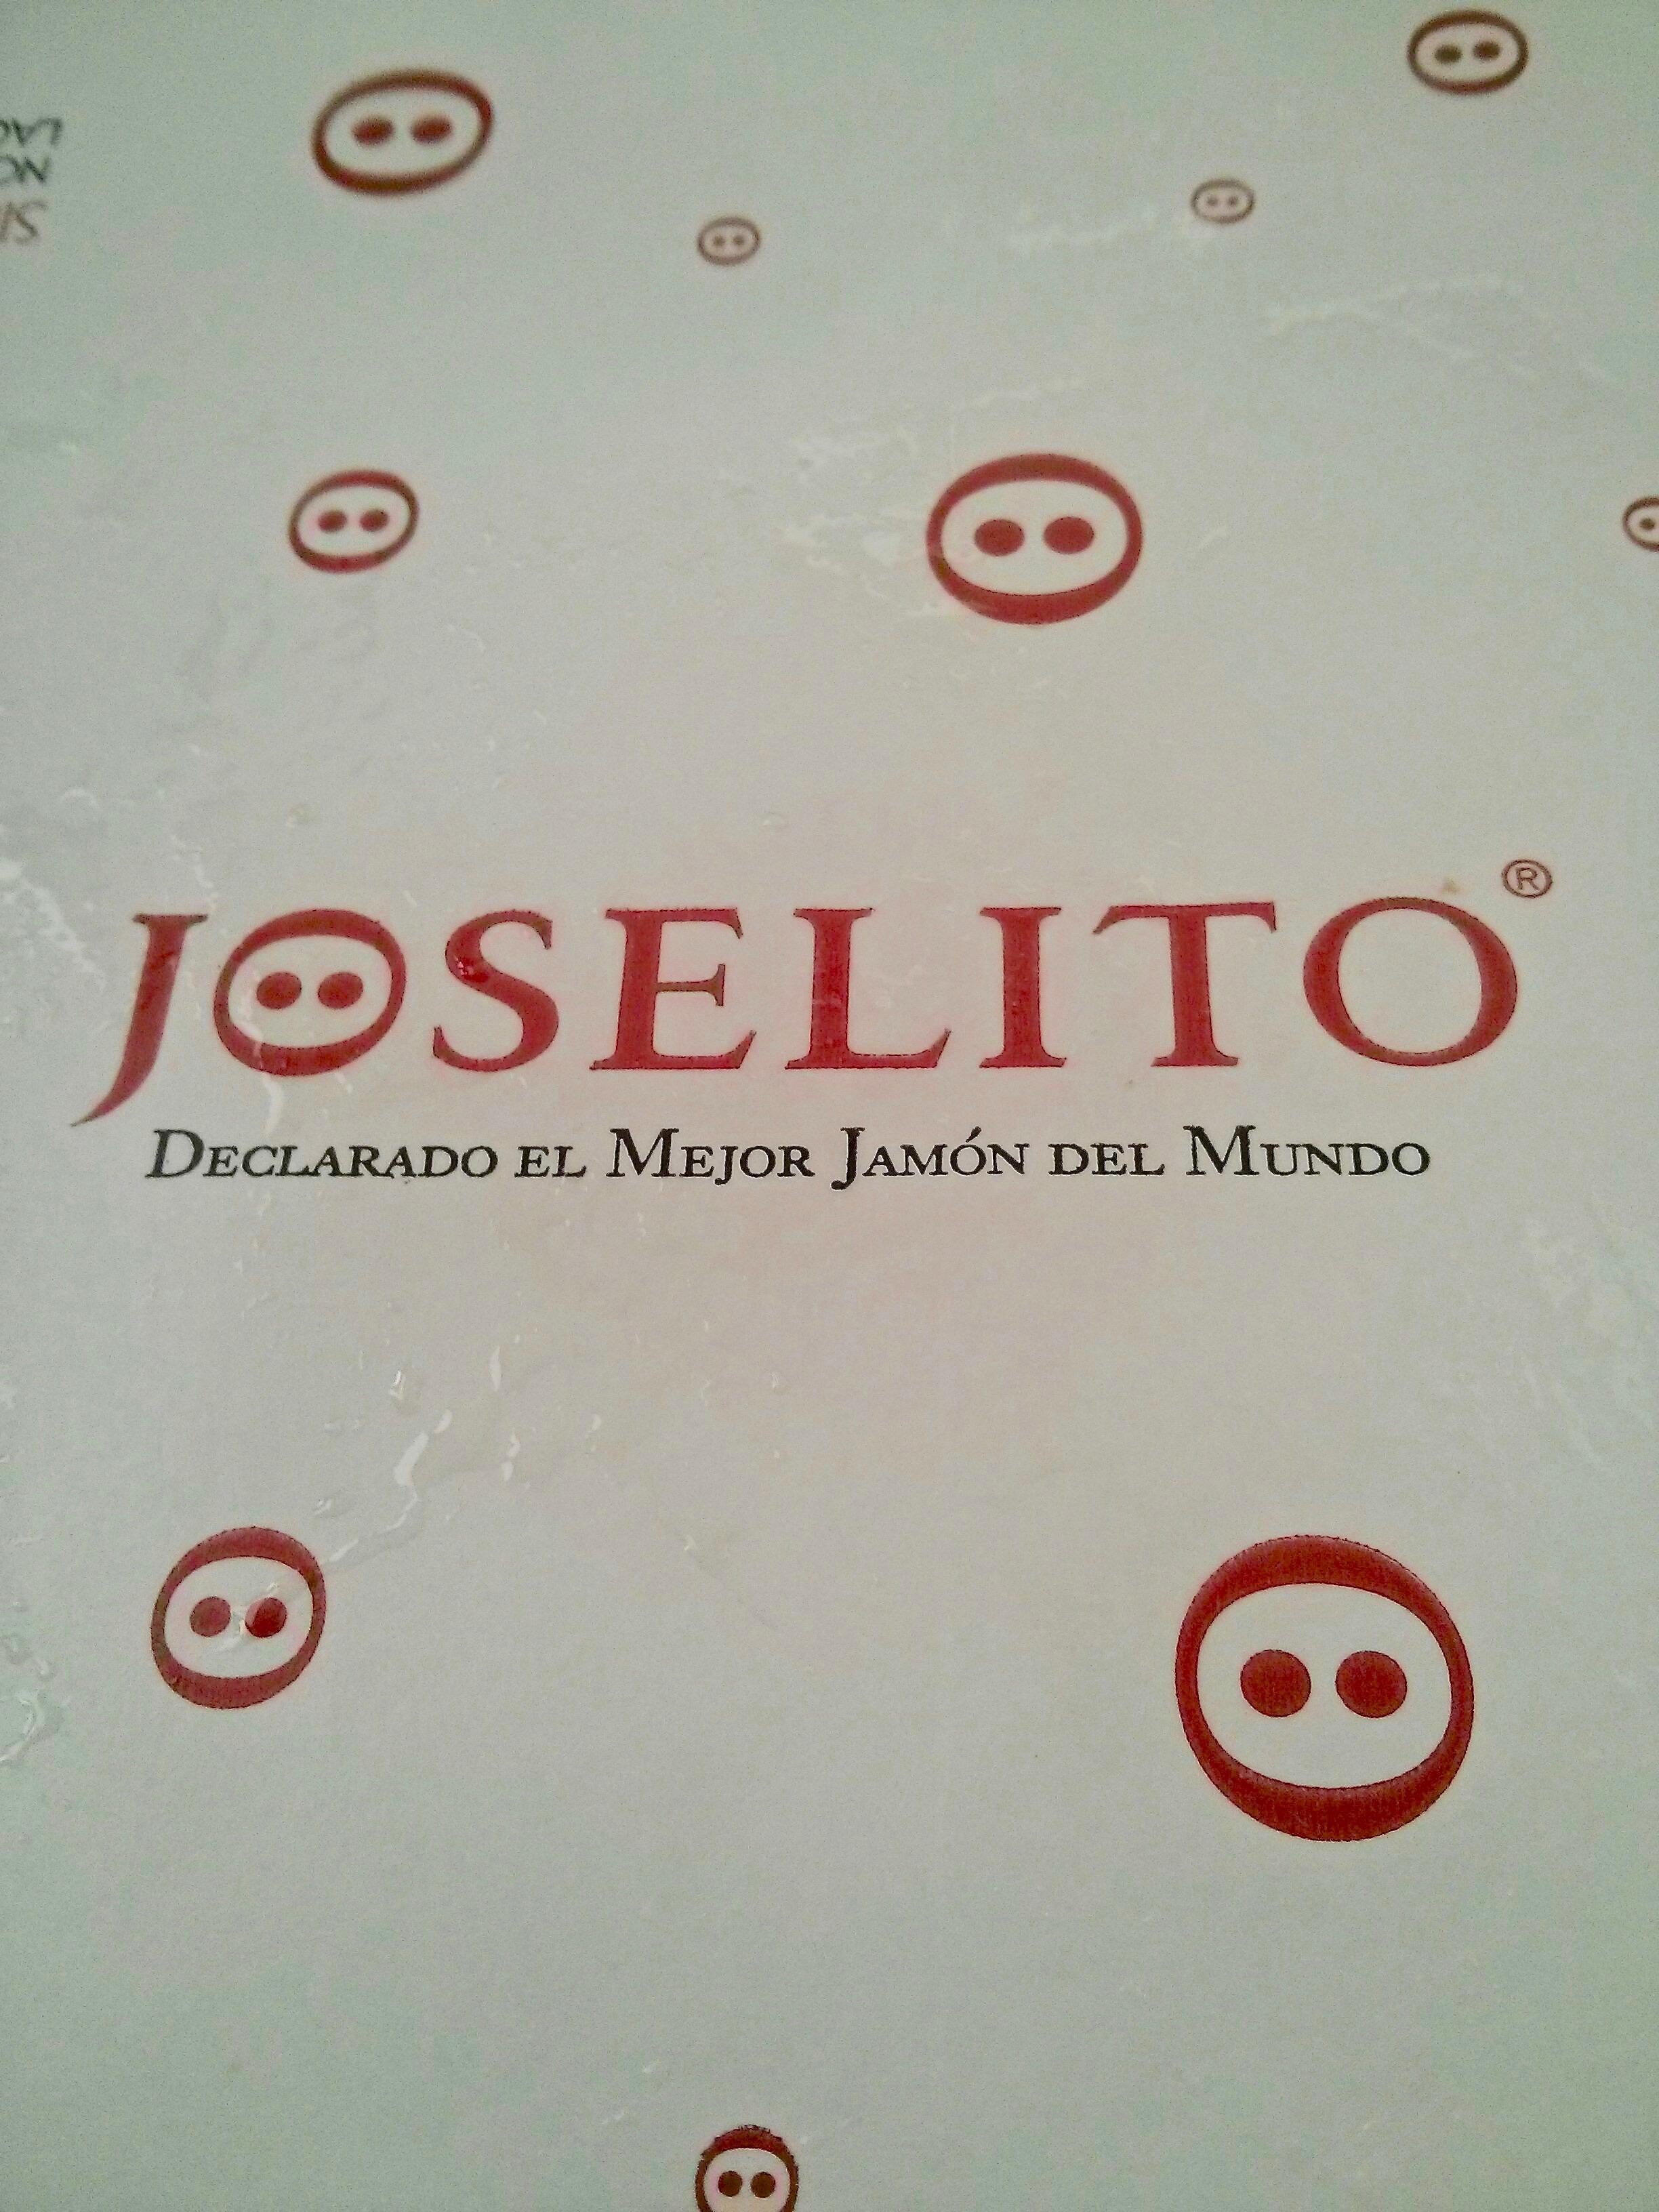 06_joselito